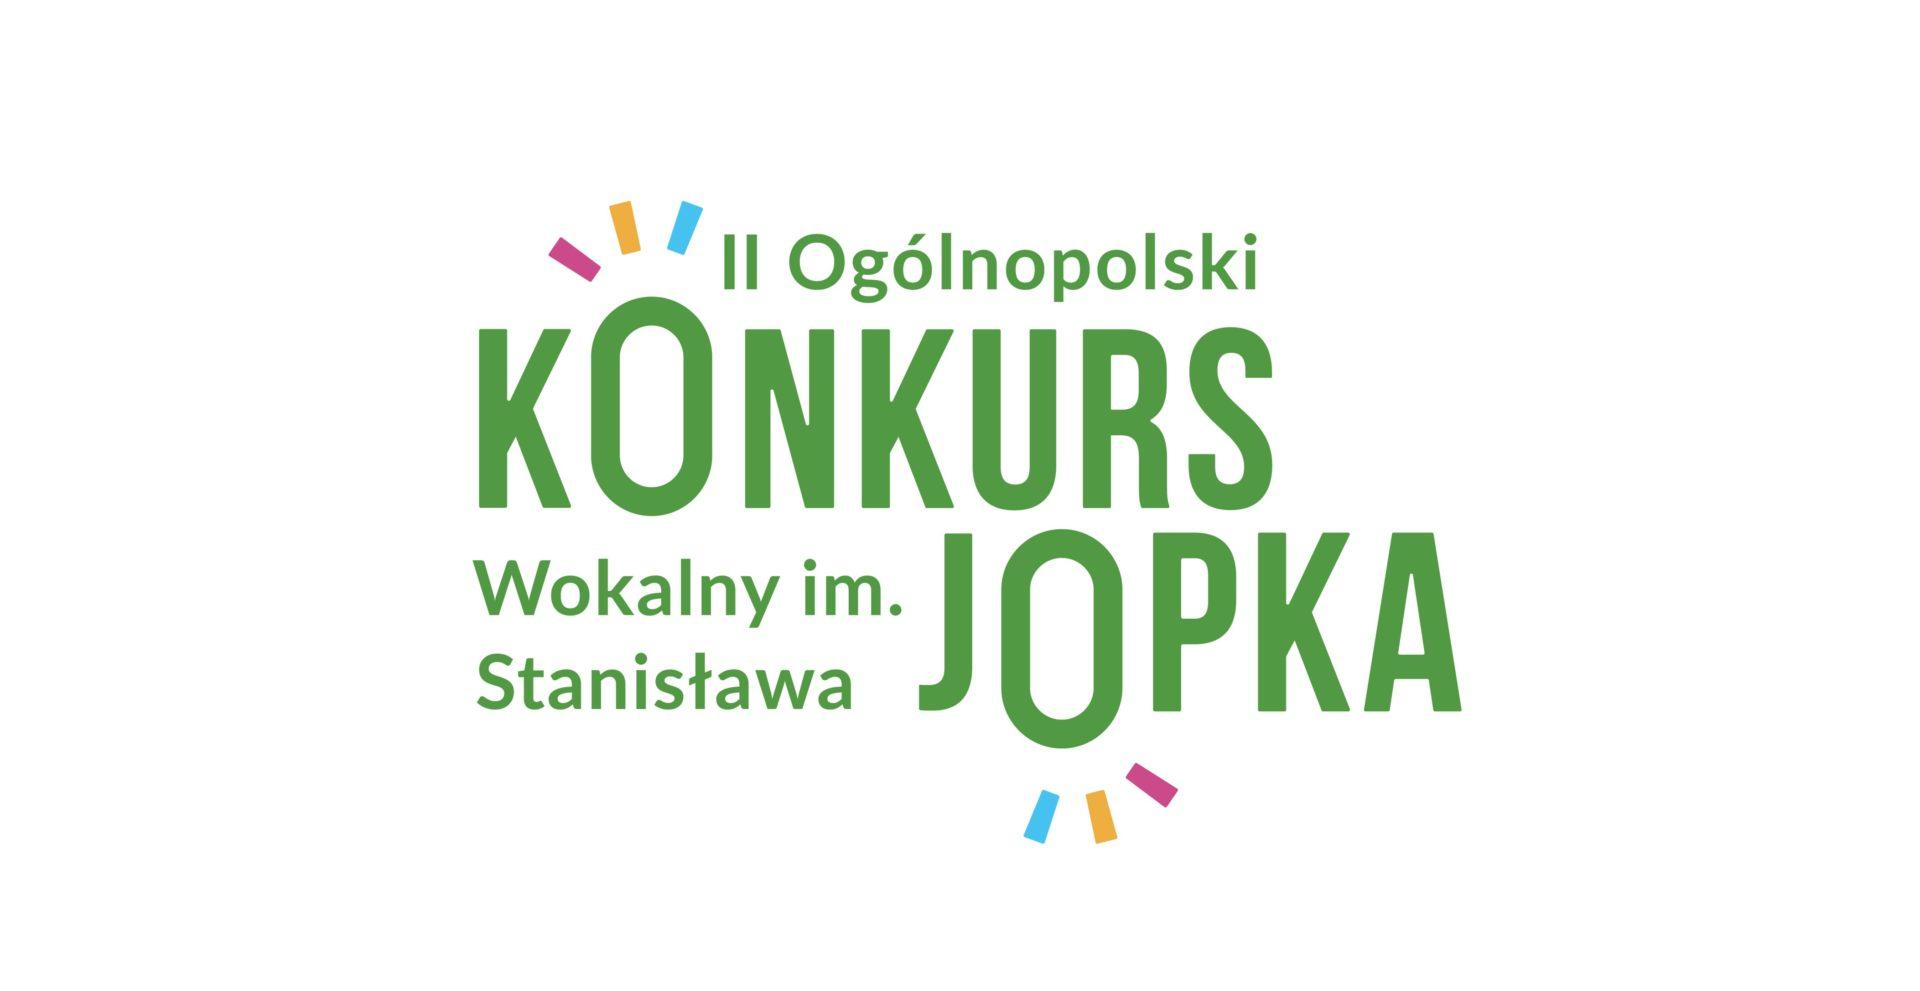 II Ogólnopolski Konkurs Wokalny im. Stanisława Jopka